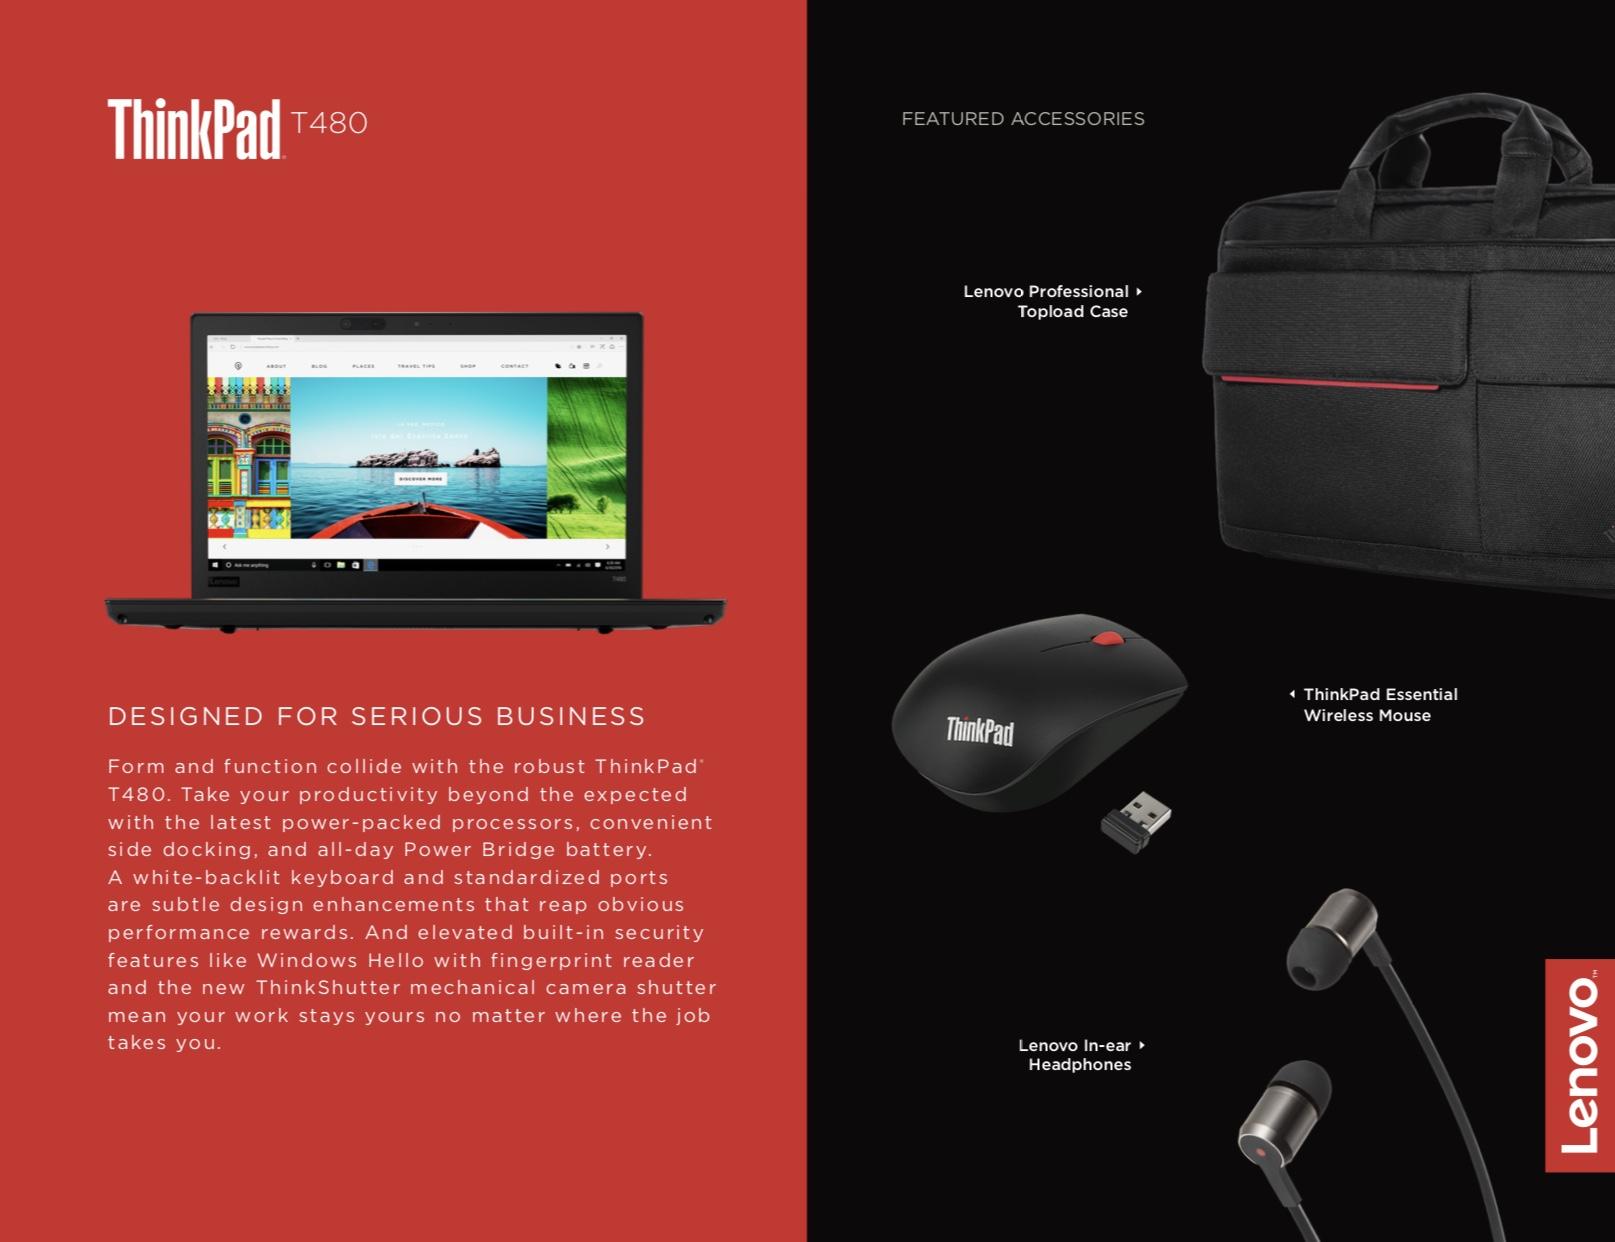 Lenovo ThinkPad T480 20L5000YUS 14